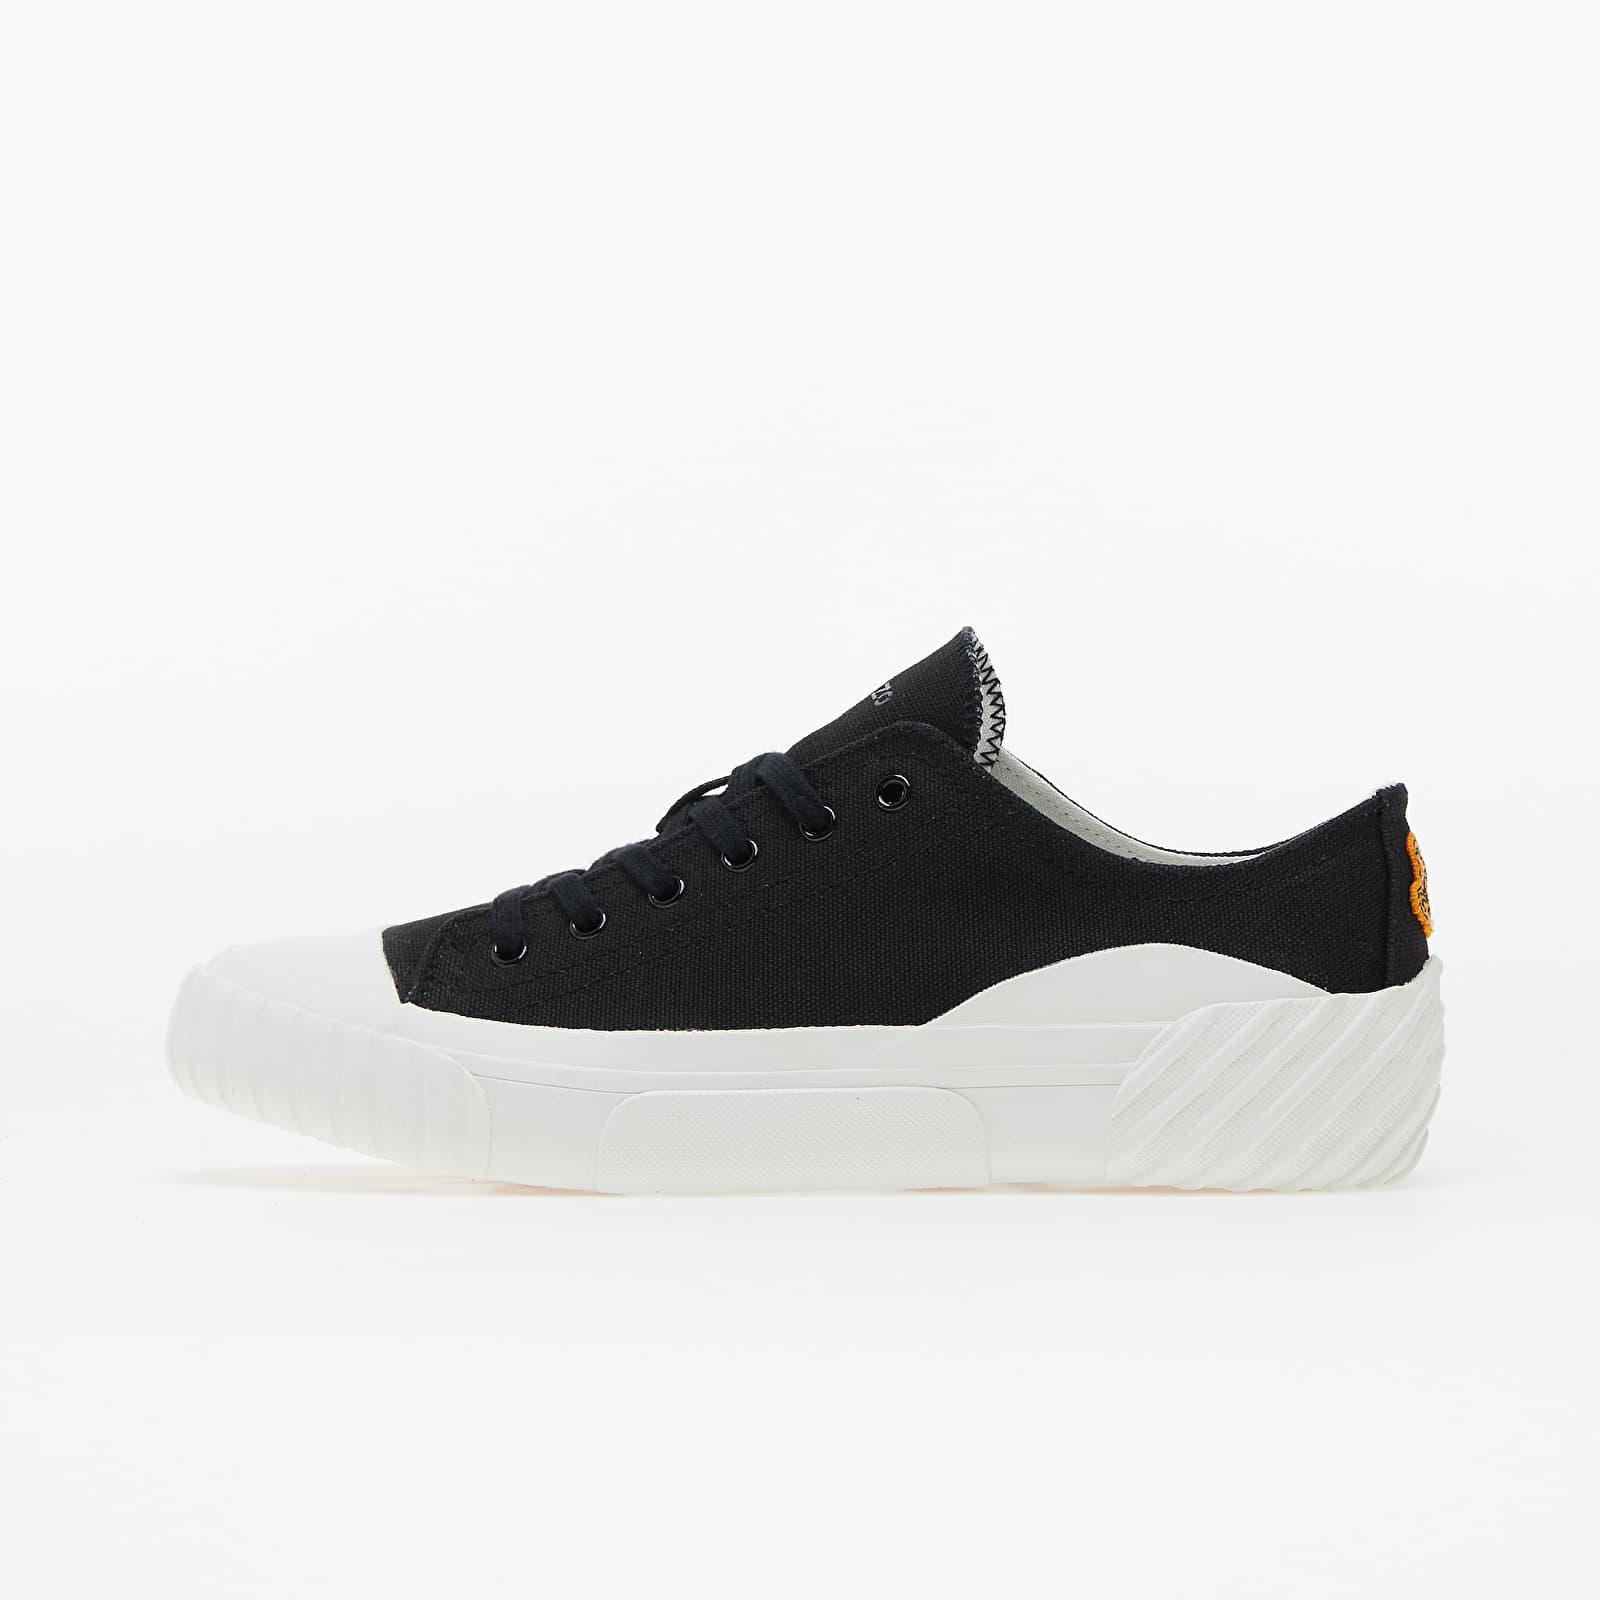 adidas Gazelle Core Black/ Ftw White/ Blue Bird EUR 45 1/3